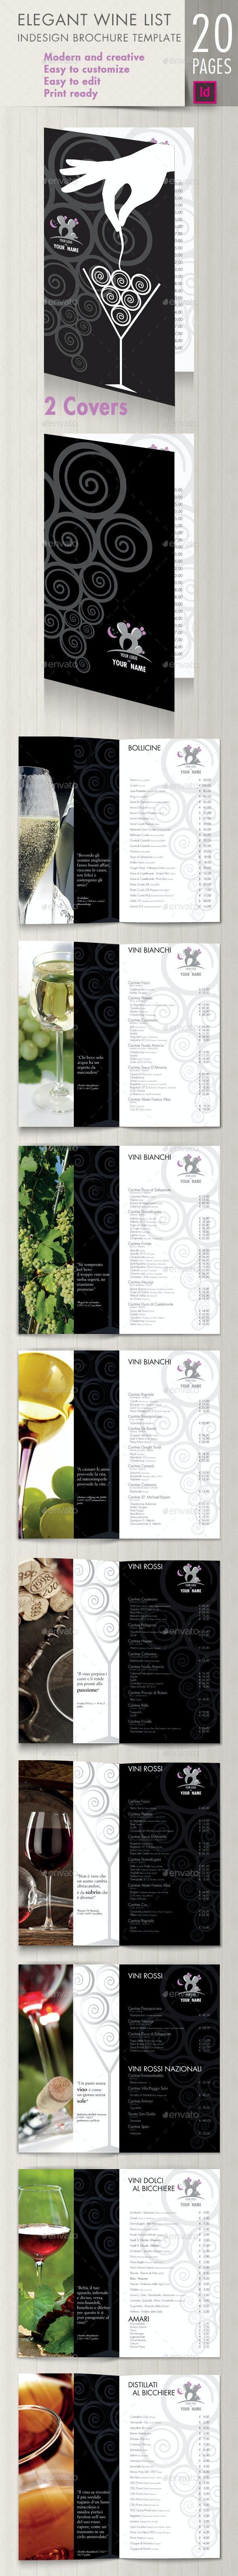 Elegant wine list brochure